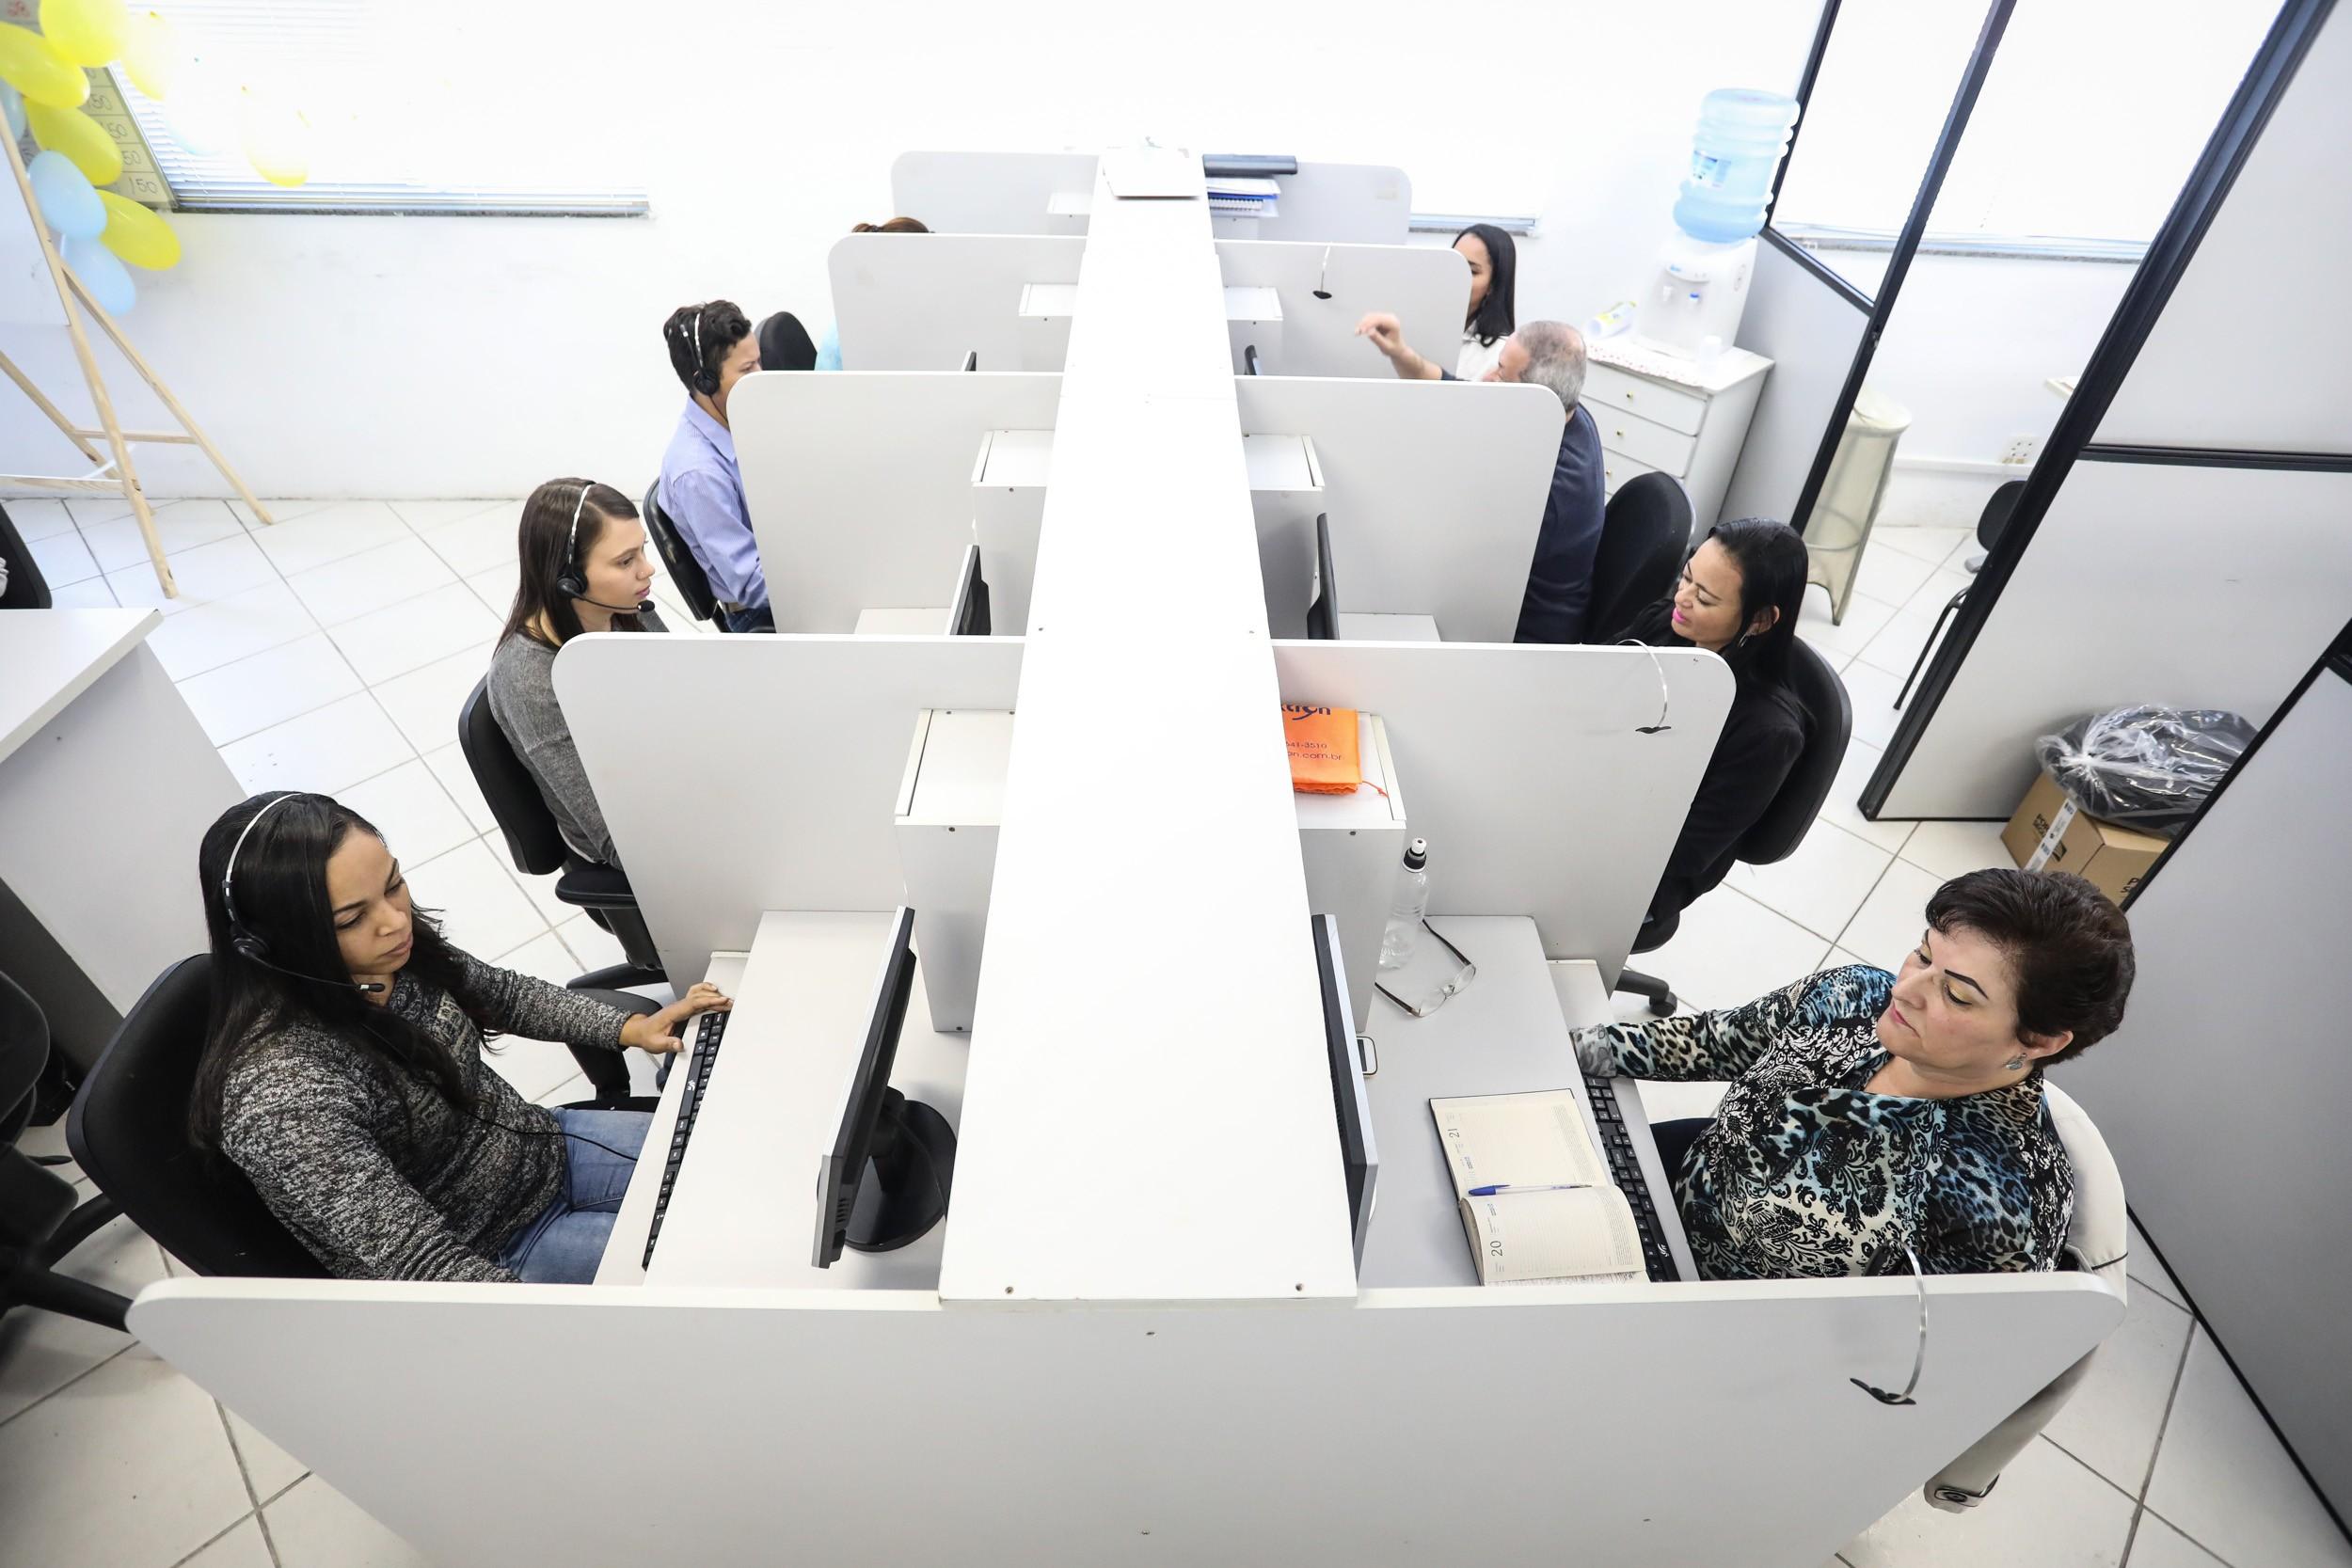 Agência de RH em Itabuna abre seleção para 50 vagas de trabalho no setor de atendimento; veja como se candidatar